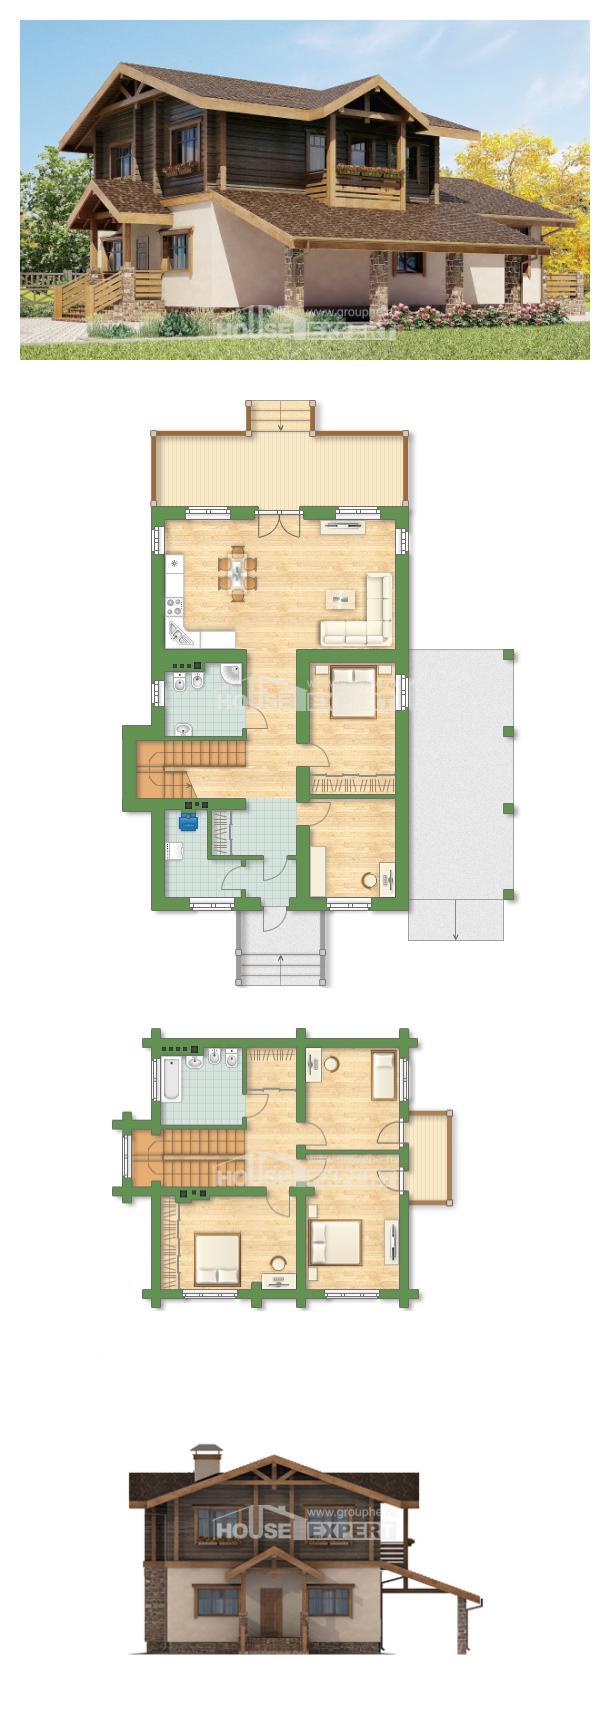 Проект дома 170-004-П | House Expert